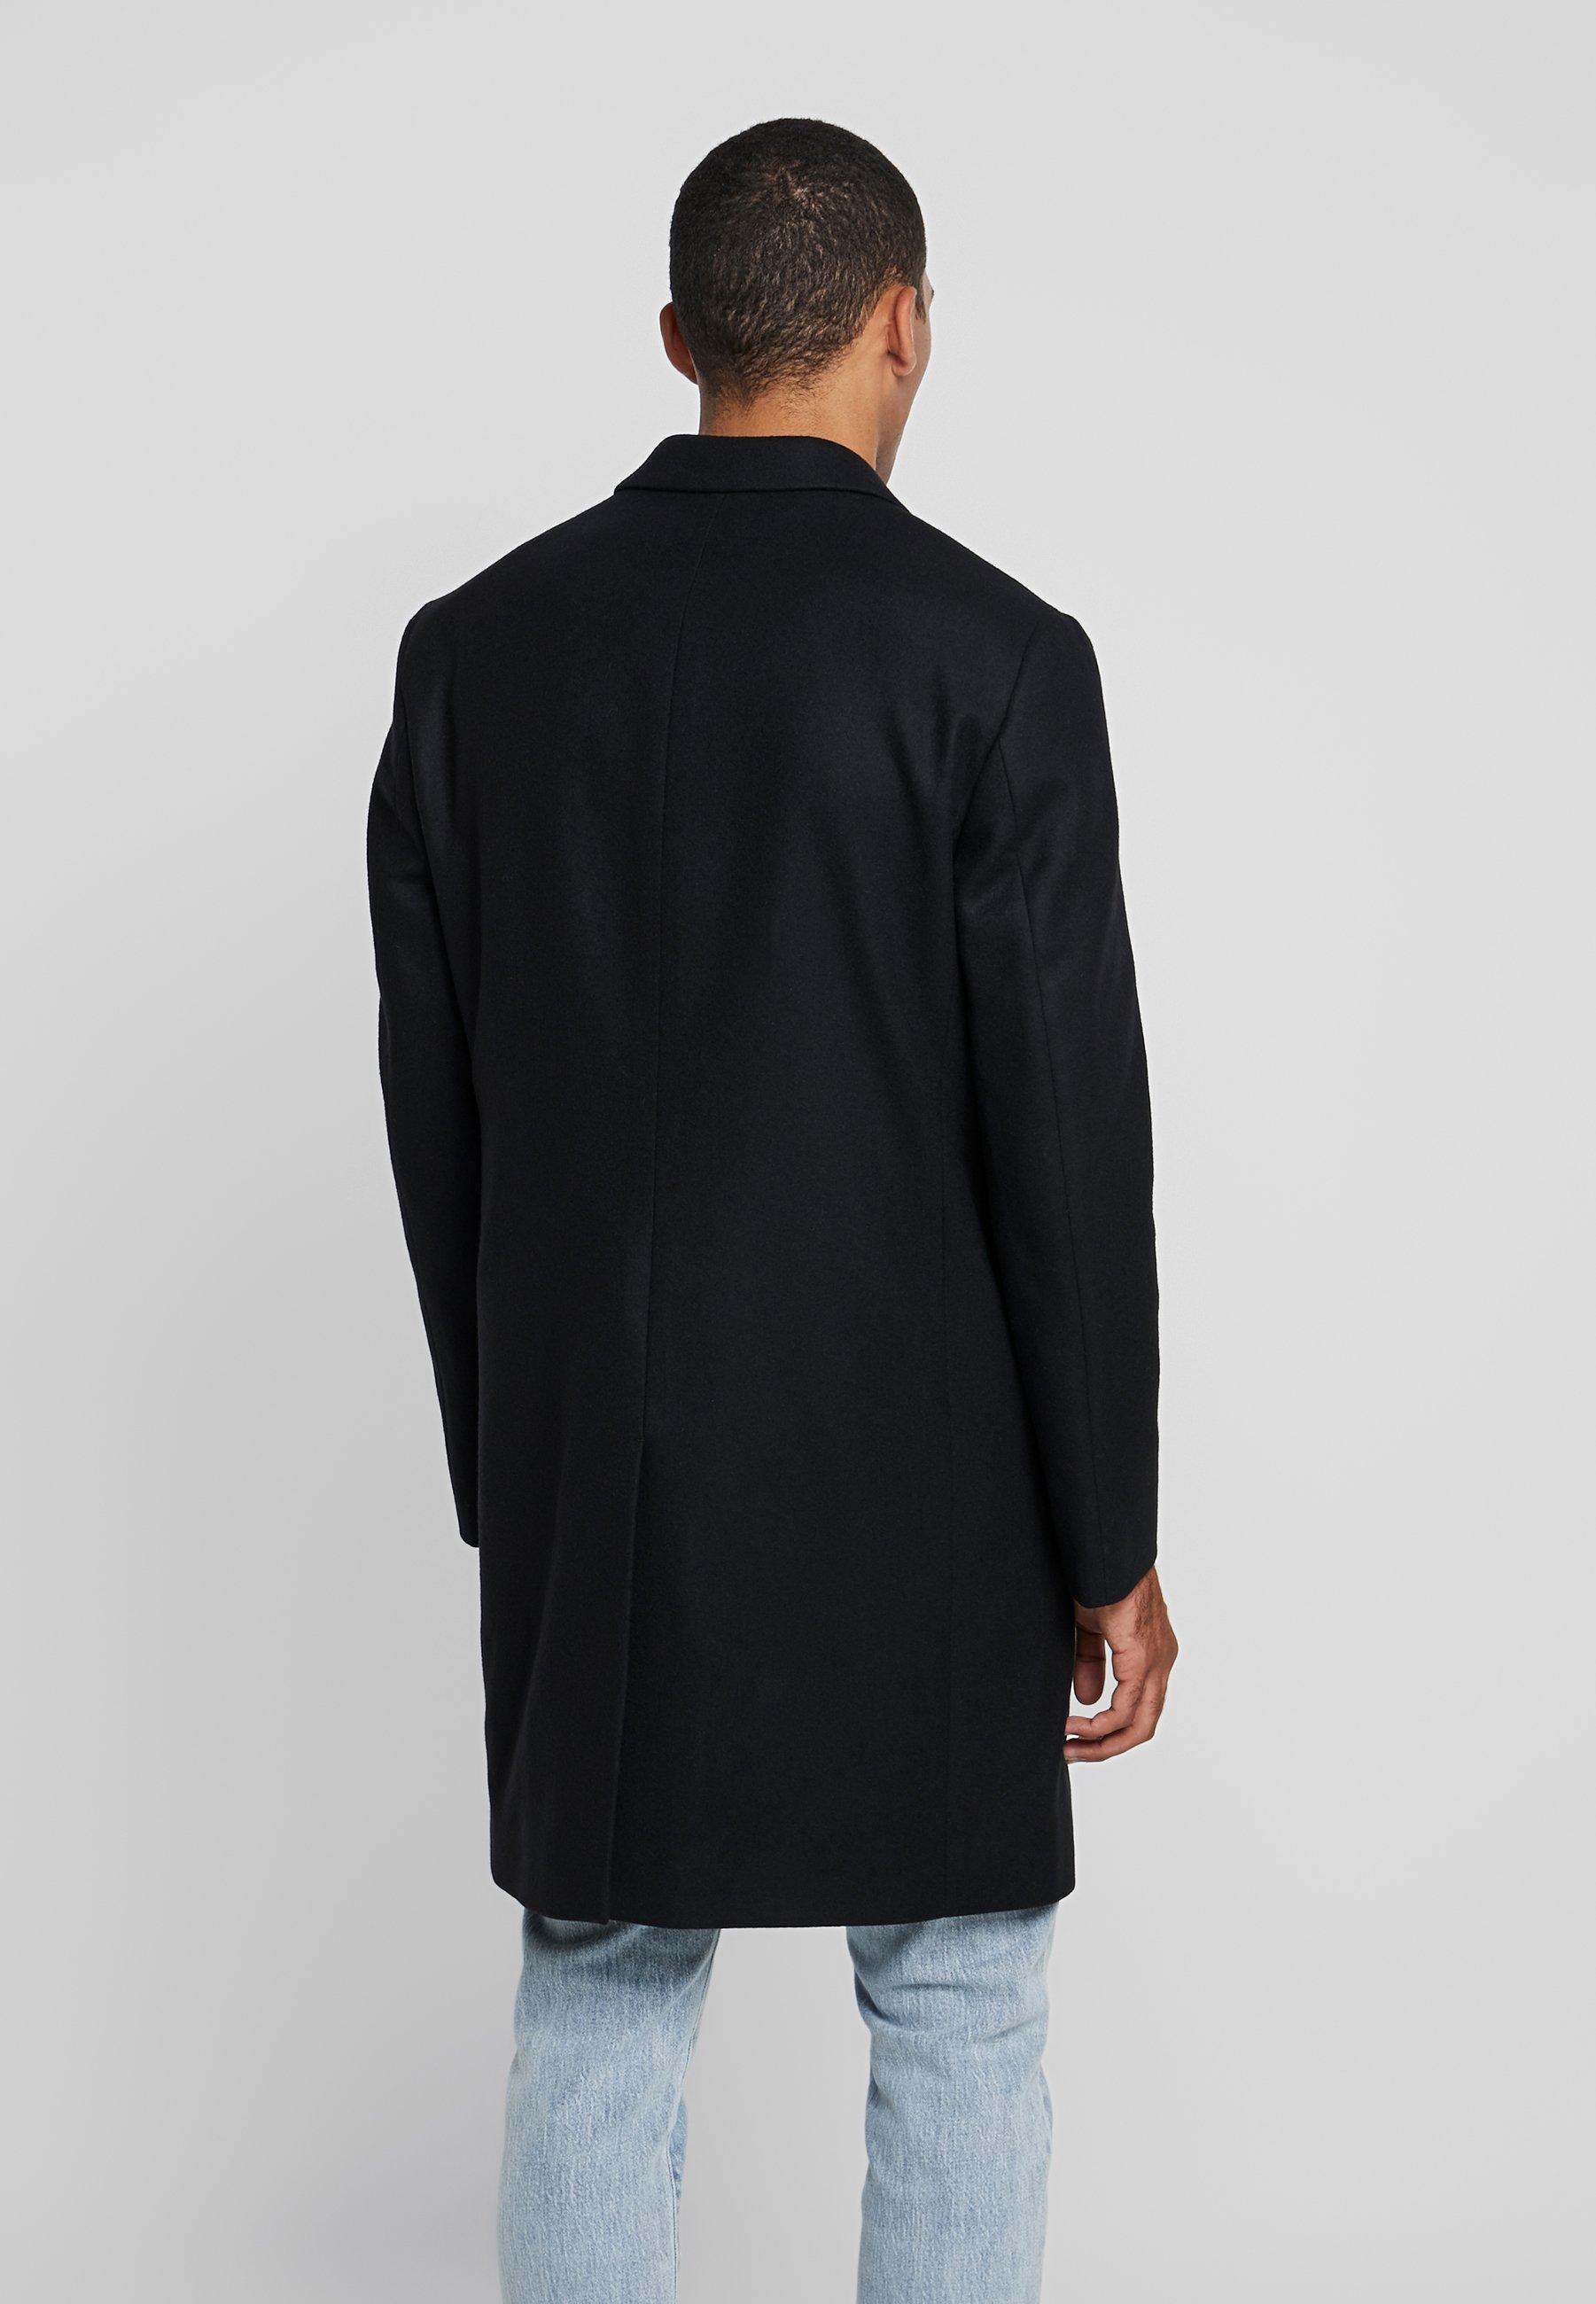 CoatManteau Klein Tailored Blend Black Classique Calvin rCBedxo